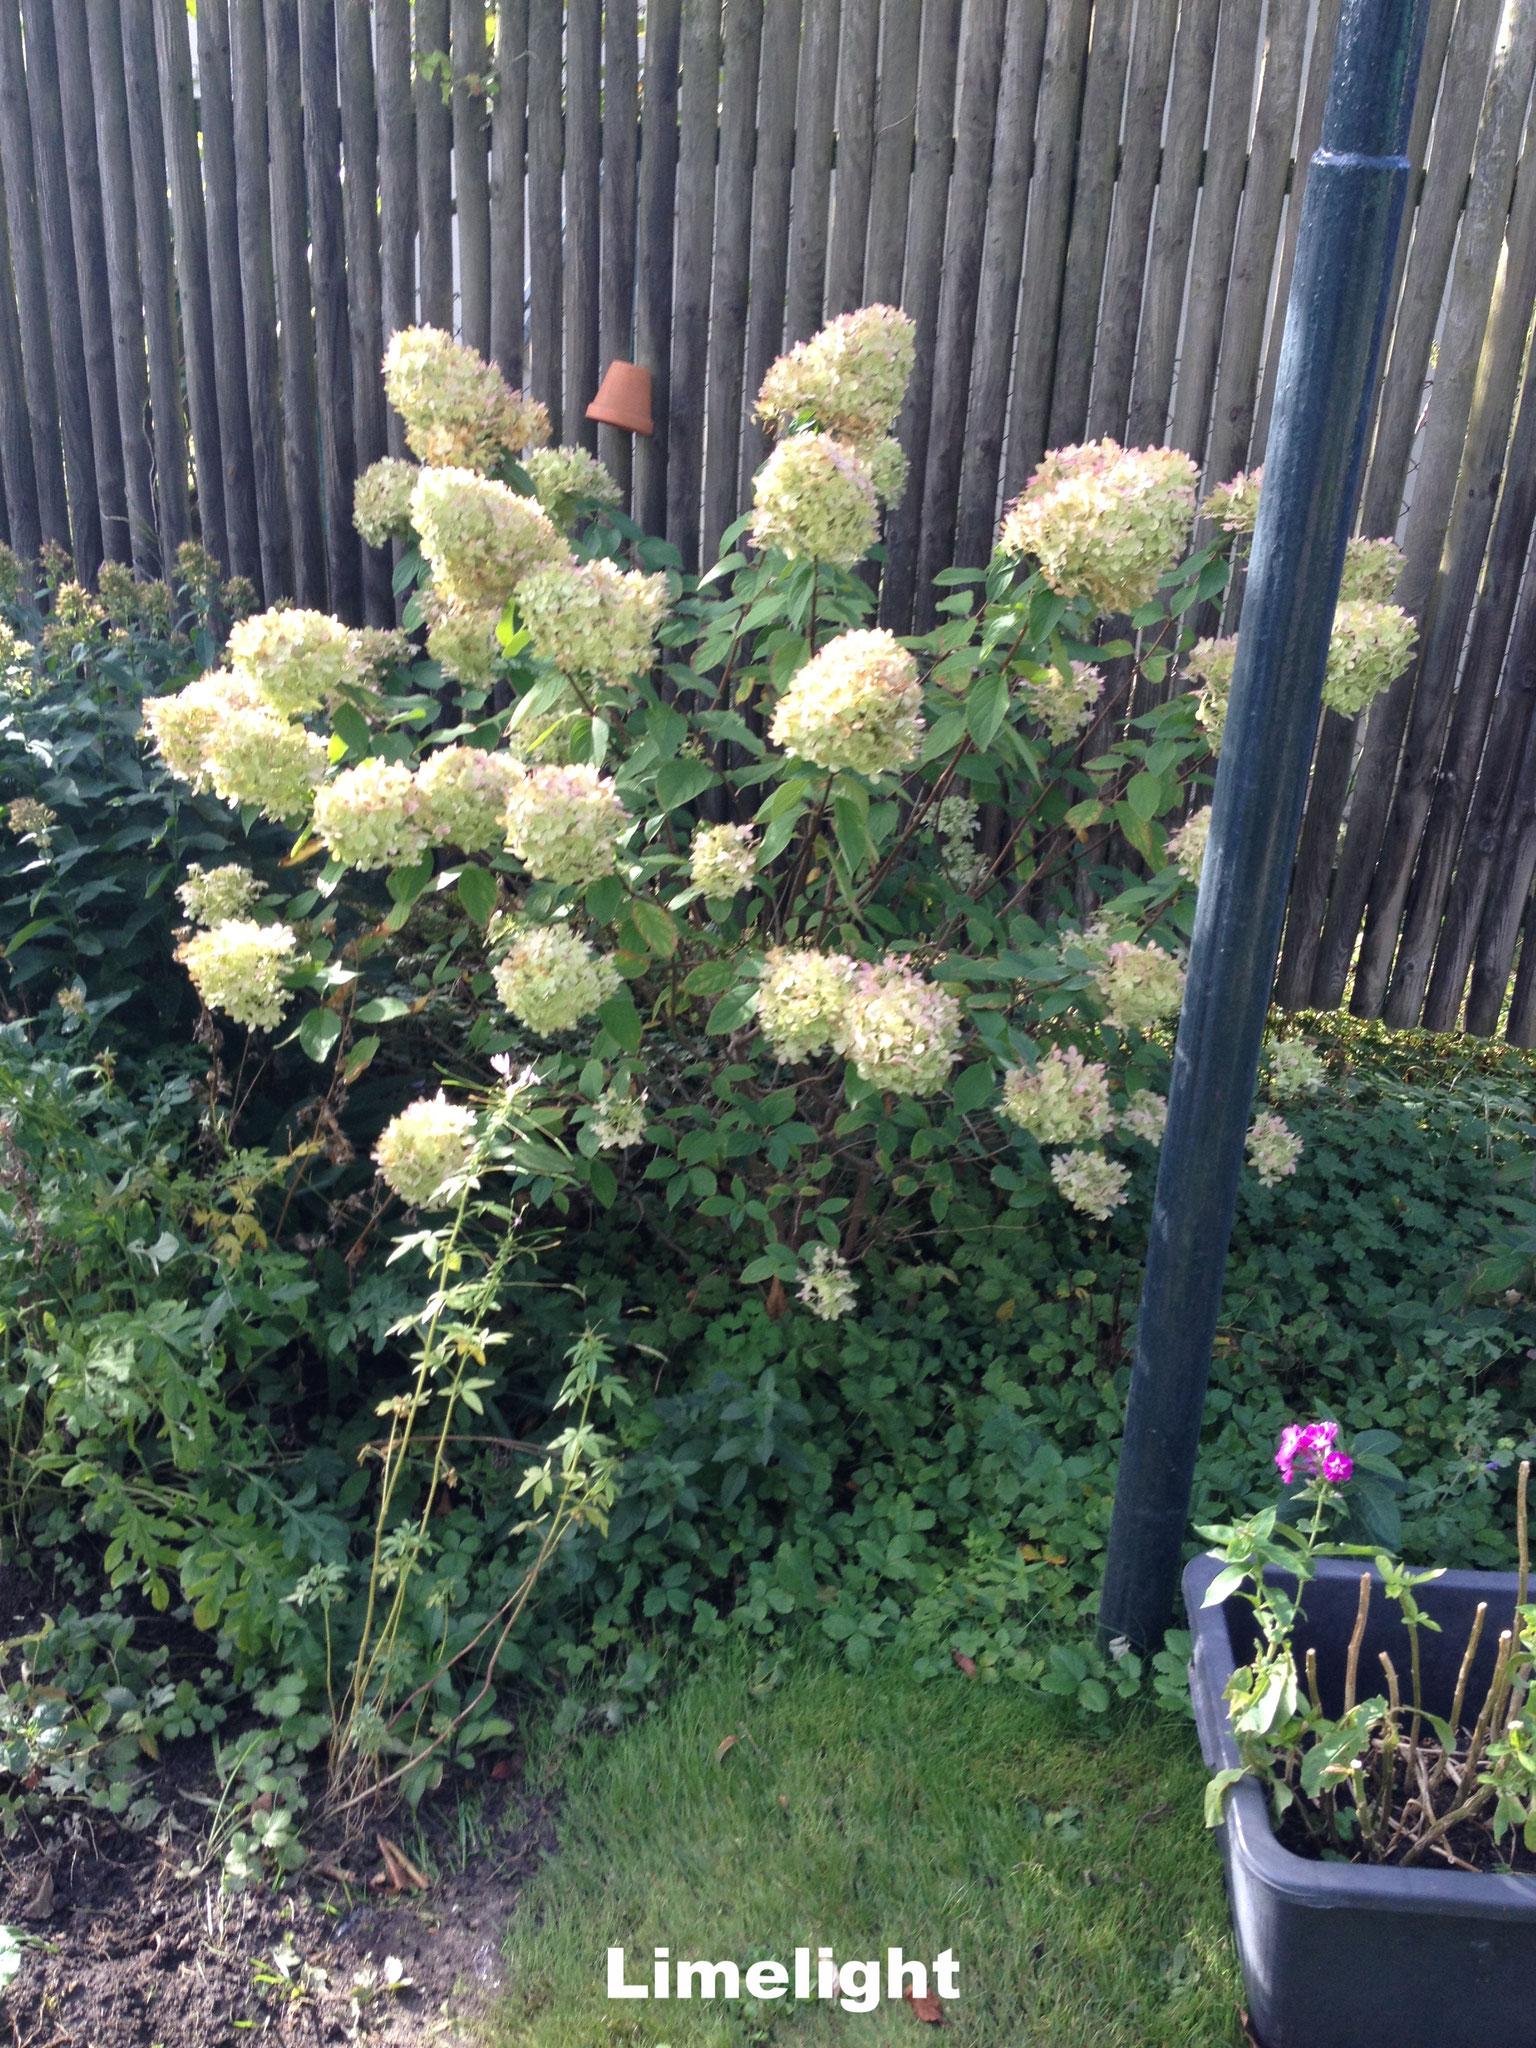 Hortensie paniculata Rispenhortensie Limelight weiß grünlich